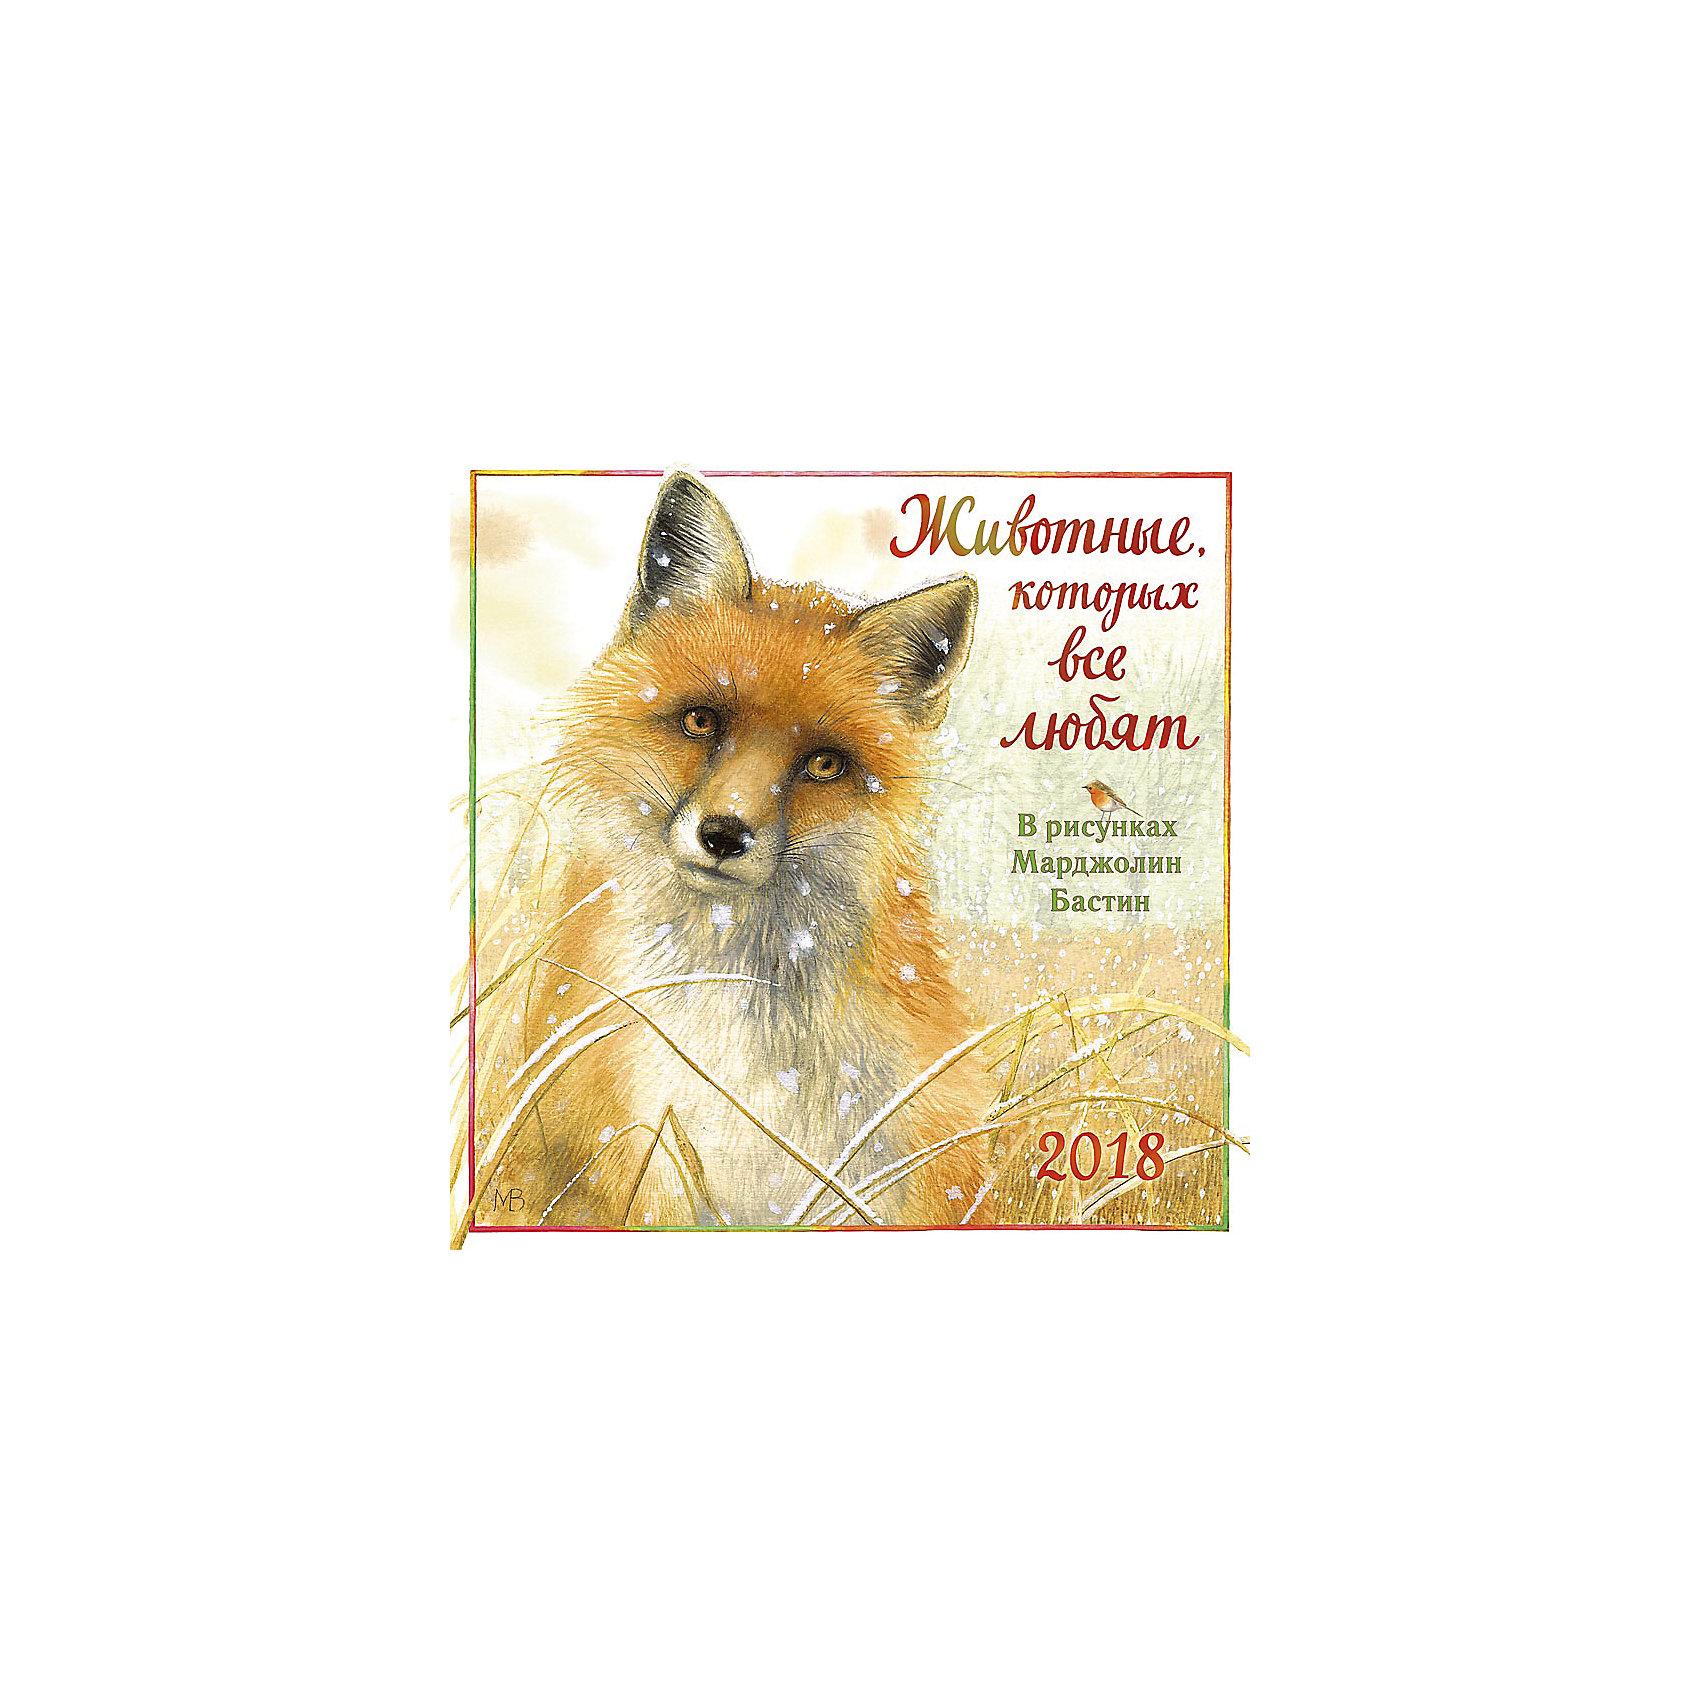 Календарь 2018  настенный перекидной Животные, которых все любятНовогодние календари<br>Календарь настенный перекидной, размер 290х290мм, крепление - металическая пружина, упакован в индивидуальный пакет. Тема календаря Животные, которых все любят - это нарисованные животные, изображенные художницей Марджолин Бастин. Календарь на новый год станет приятным дополнением к любому подарку.<br><br>Ширина мм: 290<br>Глубина мм: 290<br>Высота мм: 9999<br>Вес г: 116<br>Возраст от месяцев: -2147483648<br>Возраст до месяцев: 2147483647<br>Пол: Унисекс<br>Возраст: Детский<br>SKU: 7129580